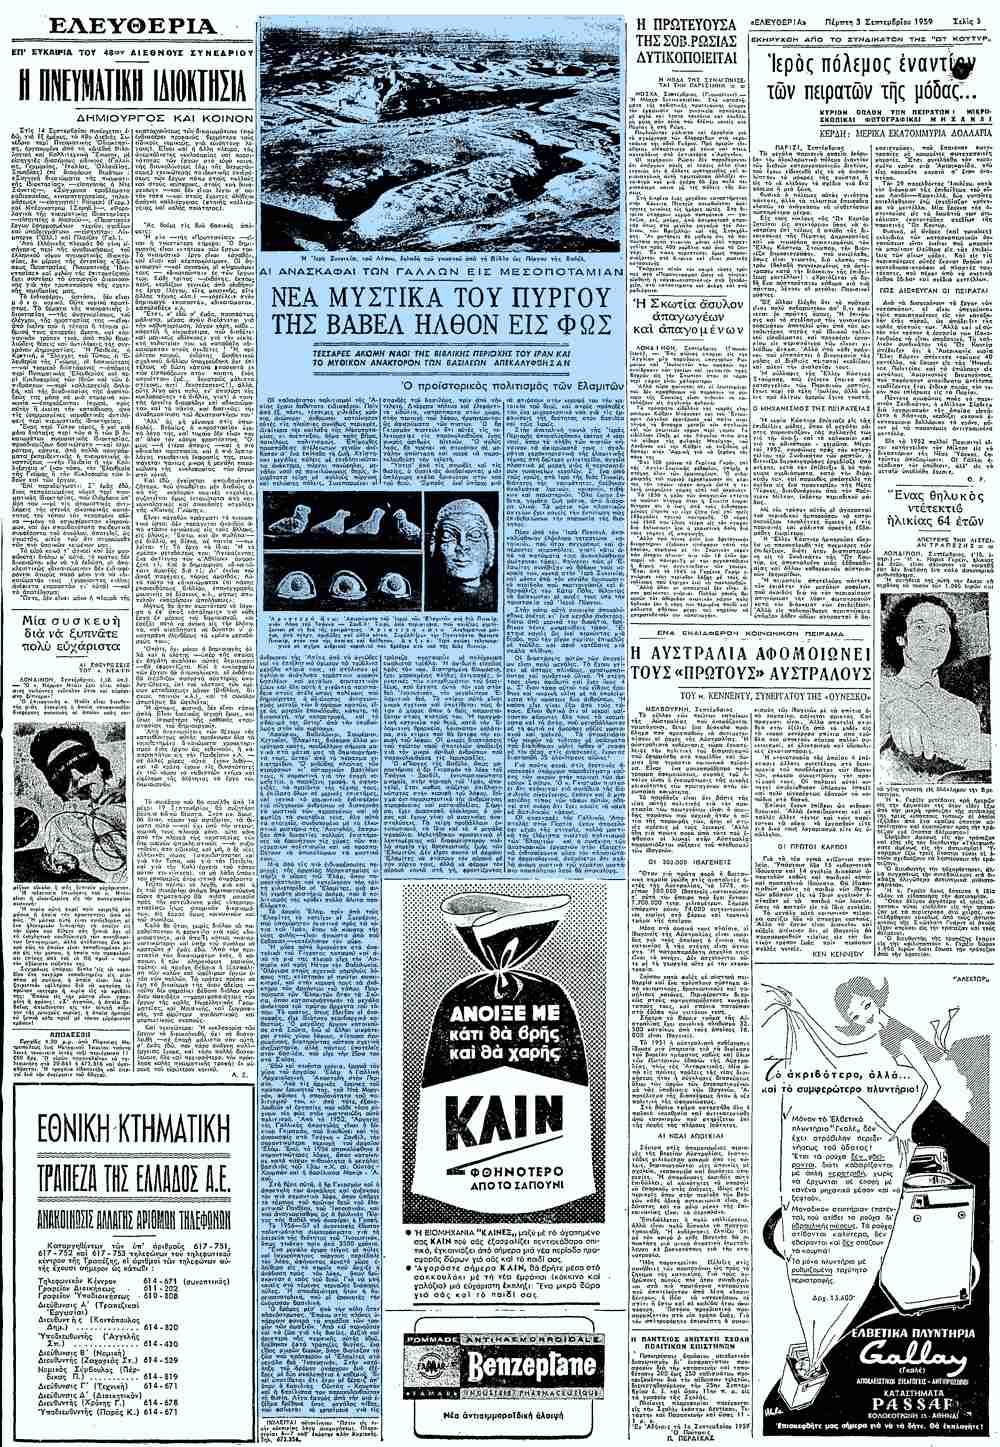 """Το άρθρο, όπως δημοσιεύθηκε στην εφημερίδα """"ΕΛΕΥΘΕΡΙΑ"""", στις 03/03/1959"""